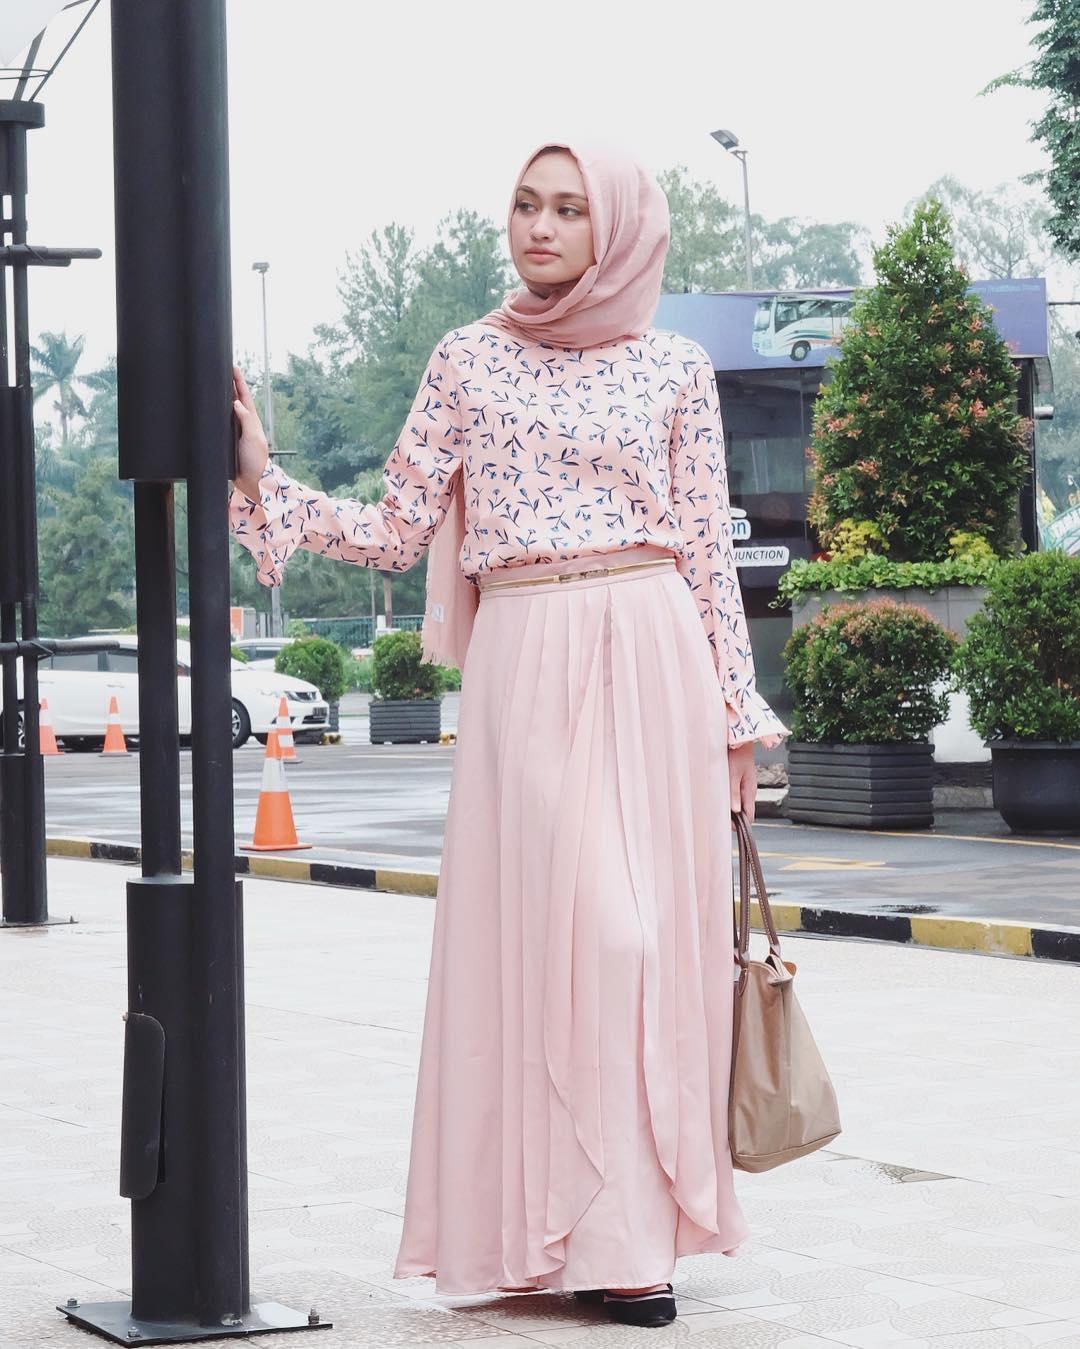 Tampil Sederhana Namun Menawan Dengan Hijab Baju Longgar